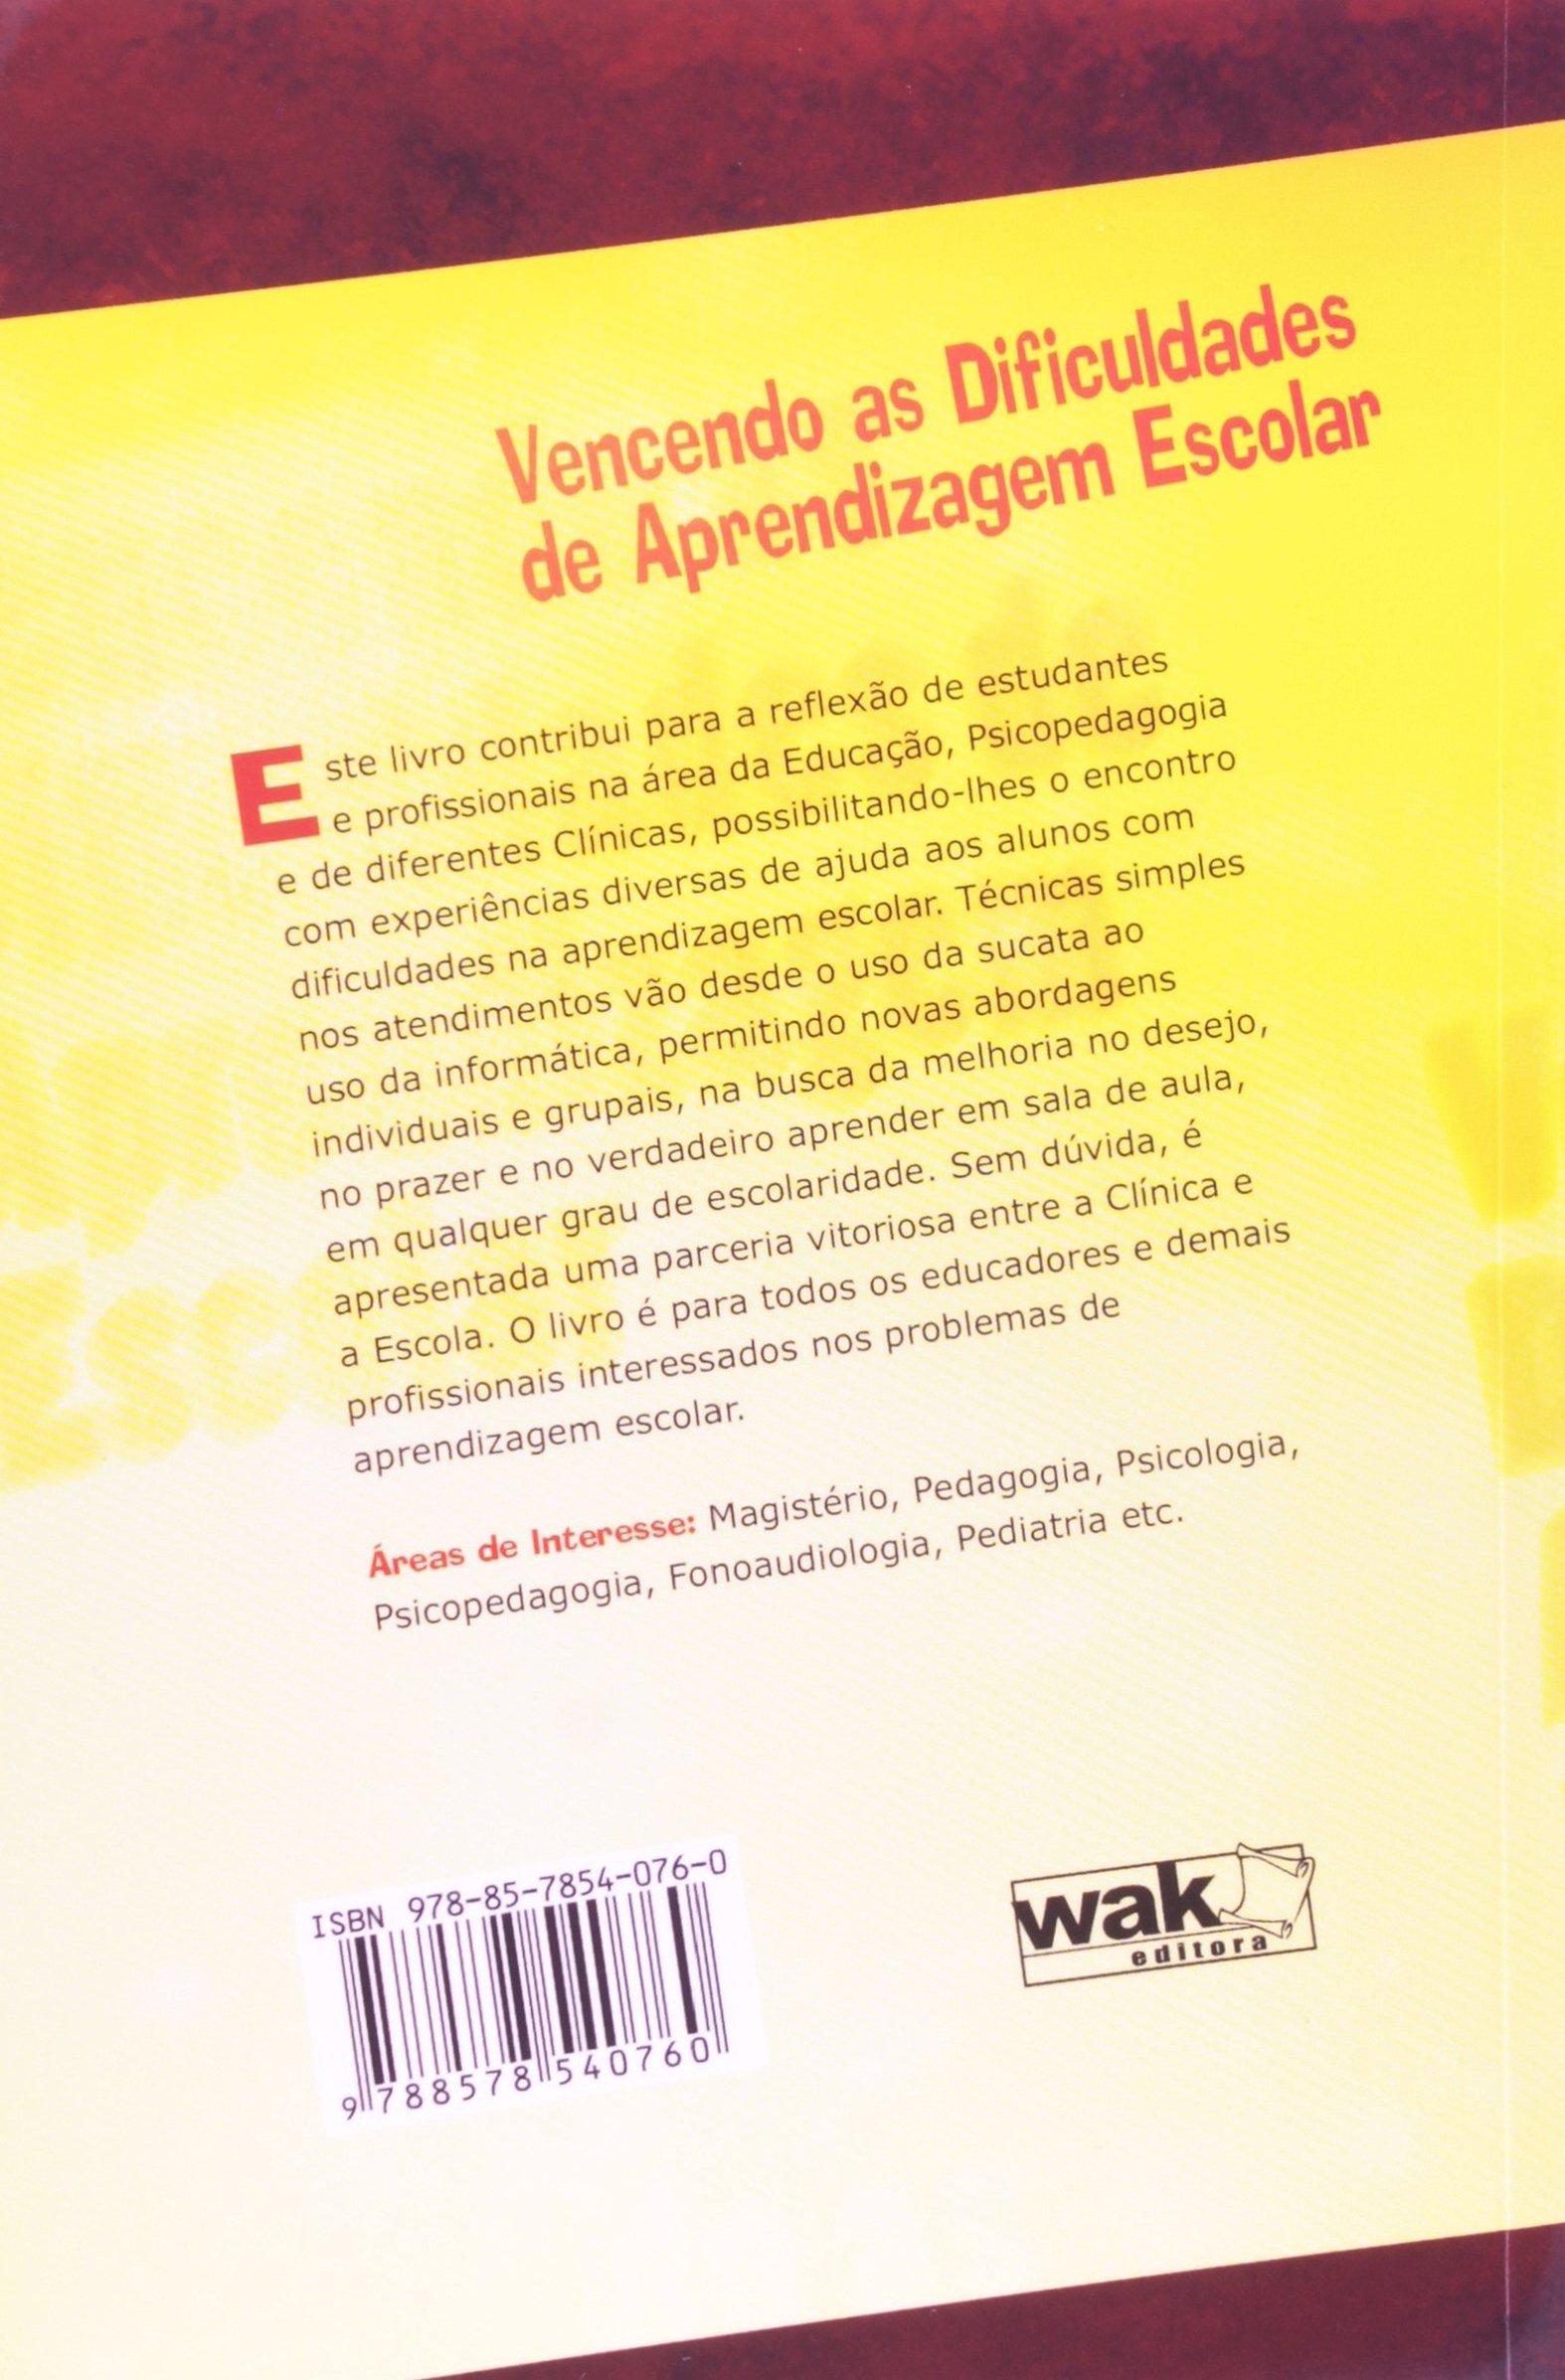 livro vencendo as dificuldades de aprendizagem escolar